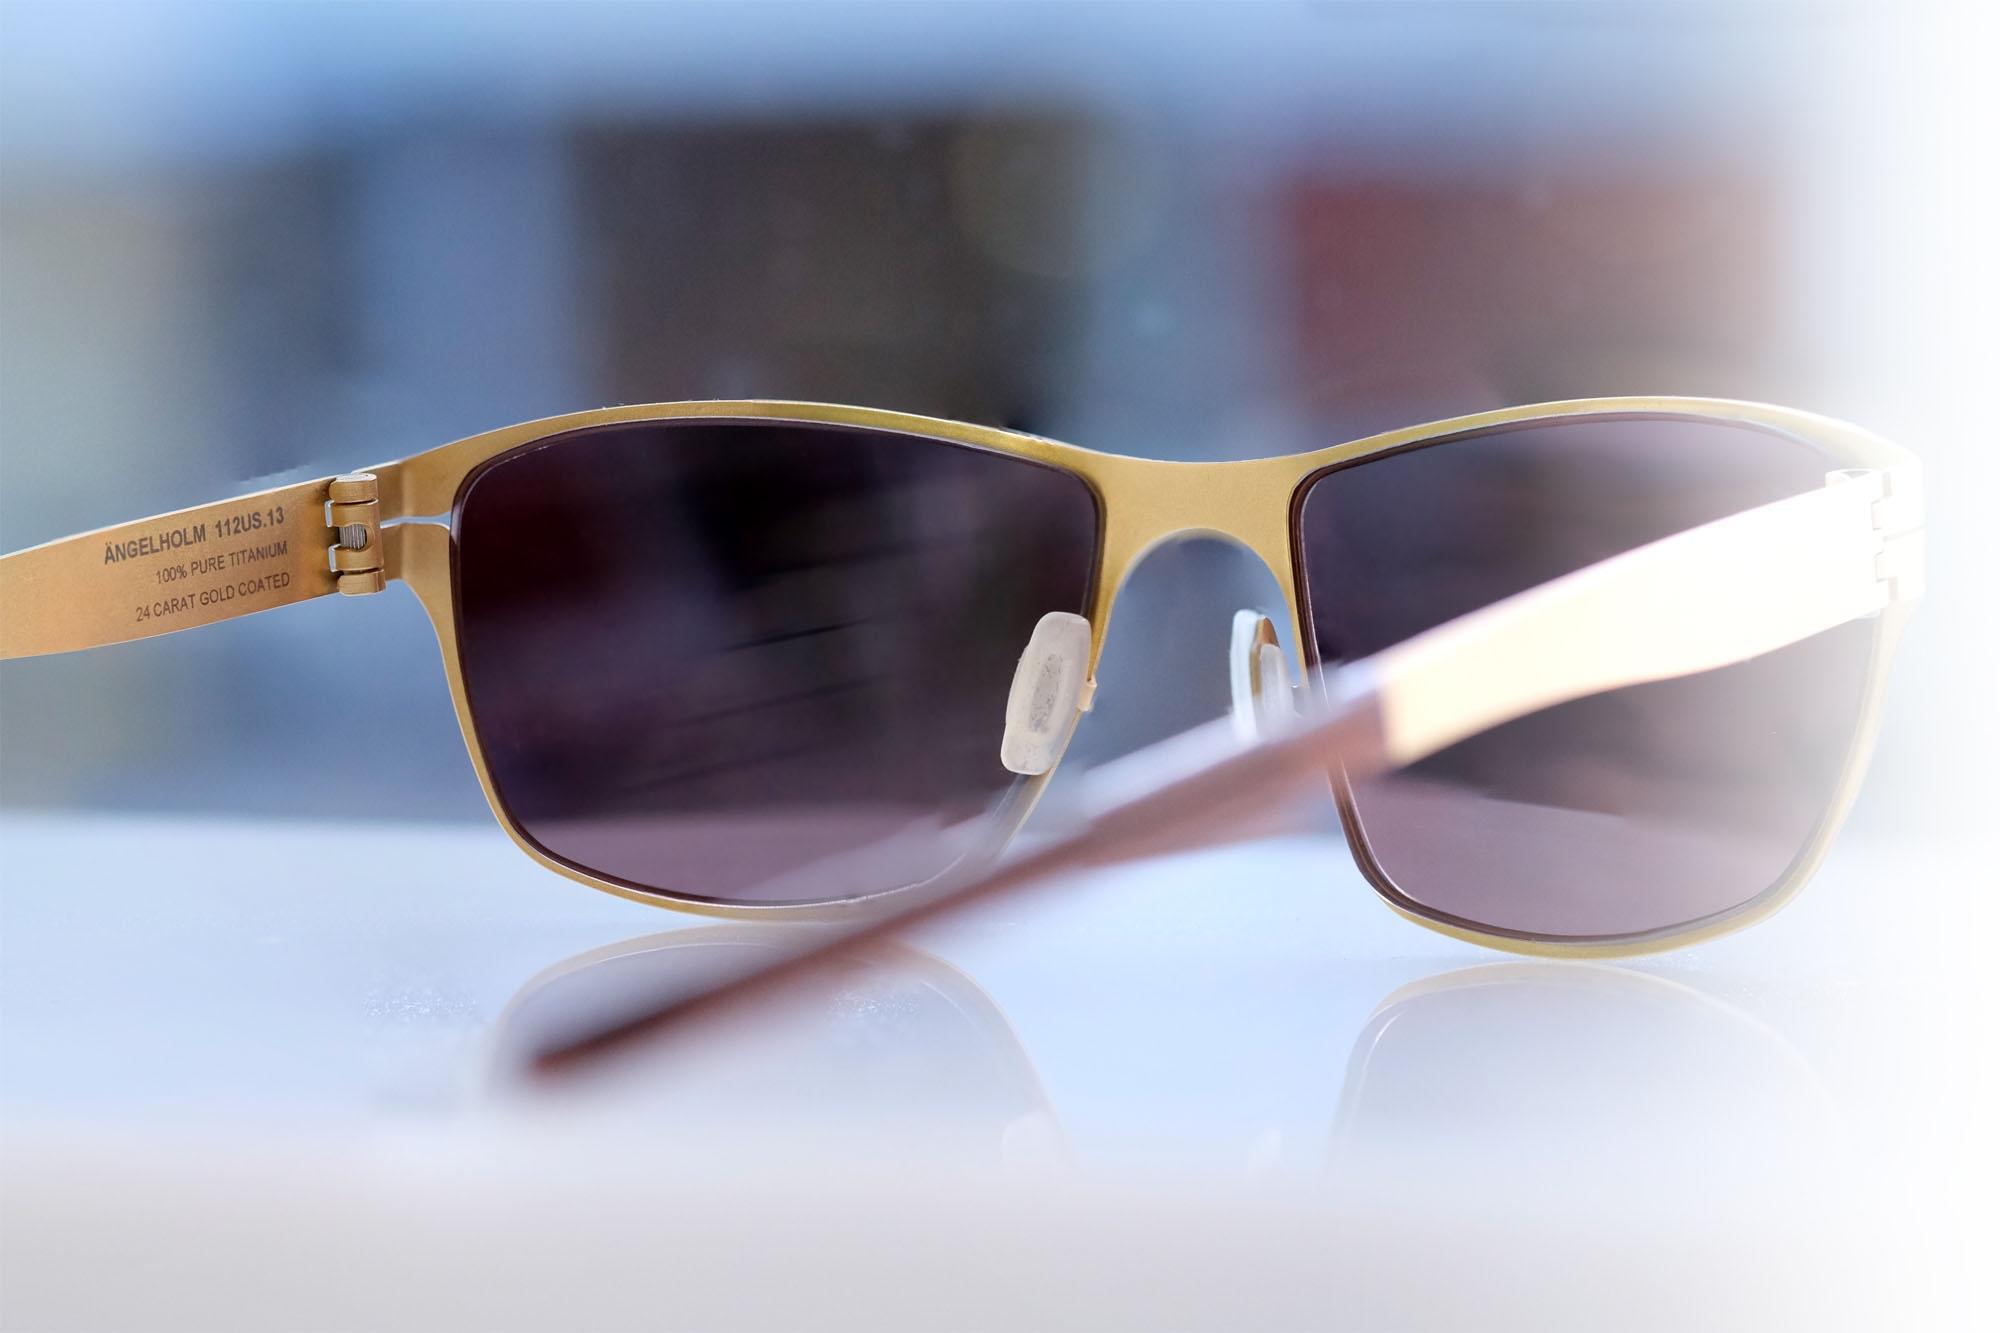 Meyer - Ängelholm in 24 Karat Gold als Sonnenbrille